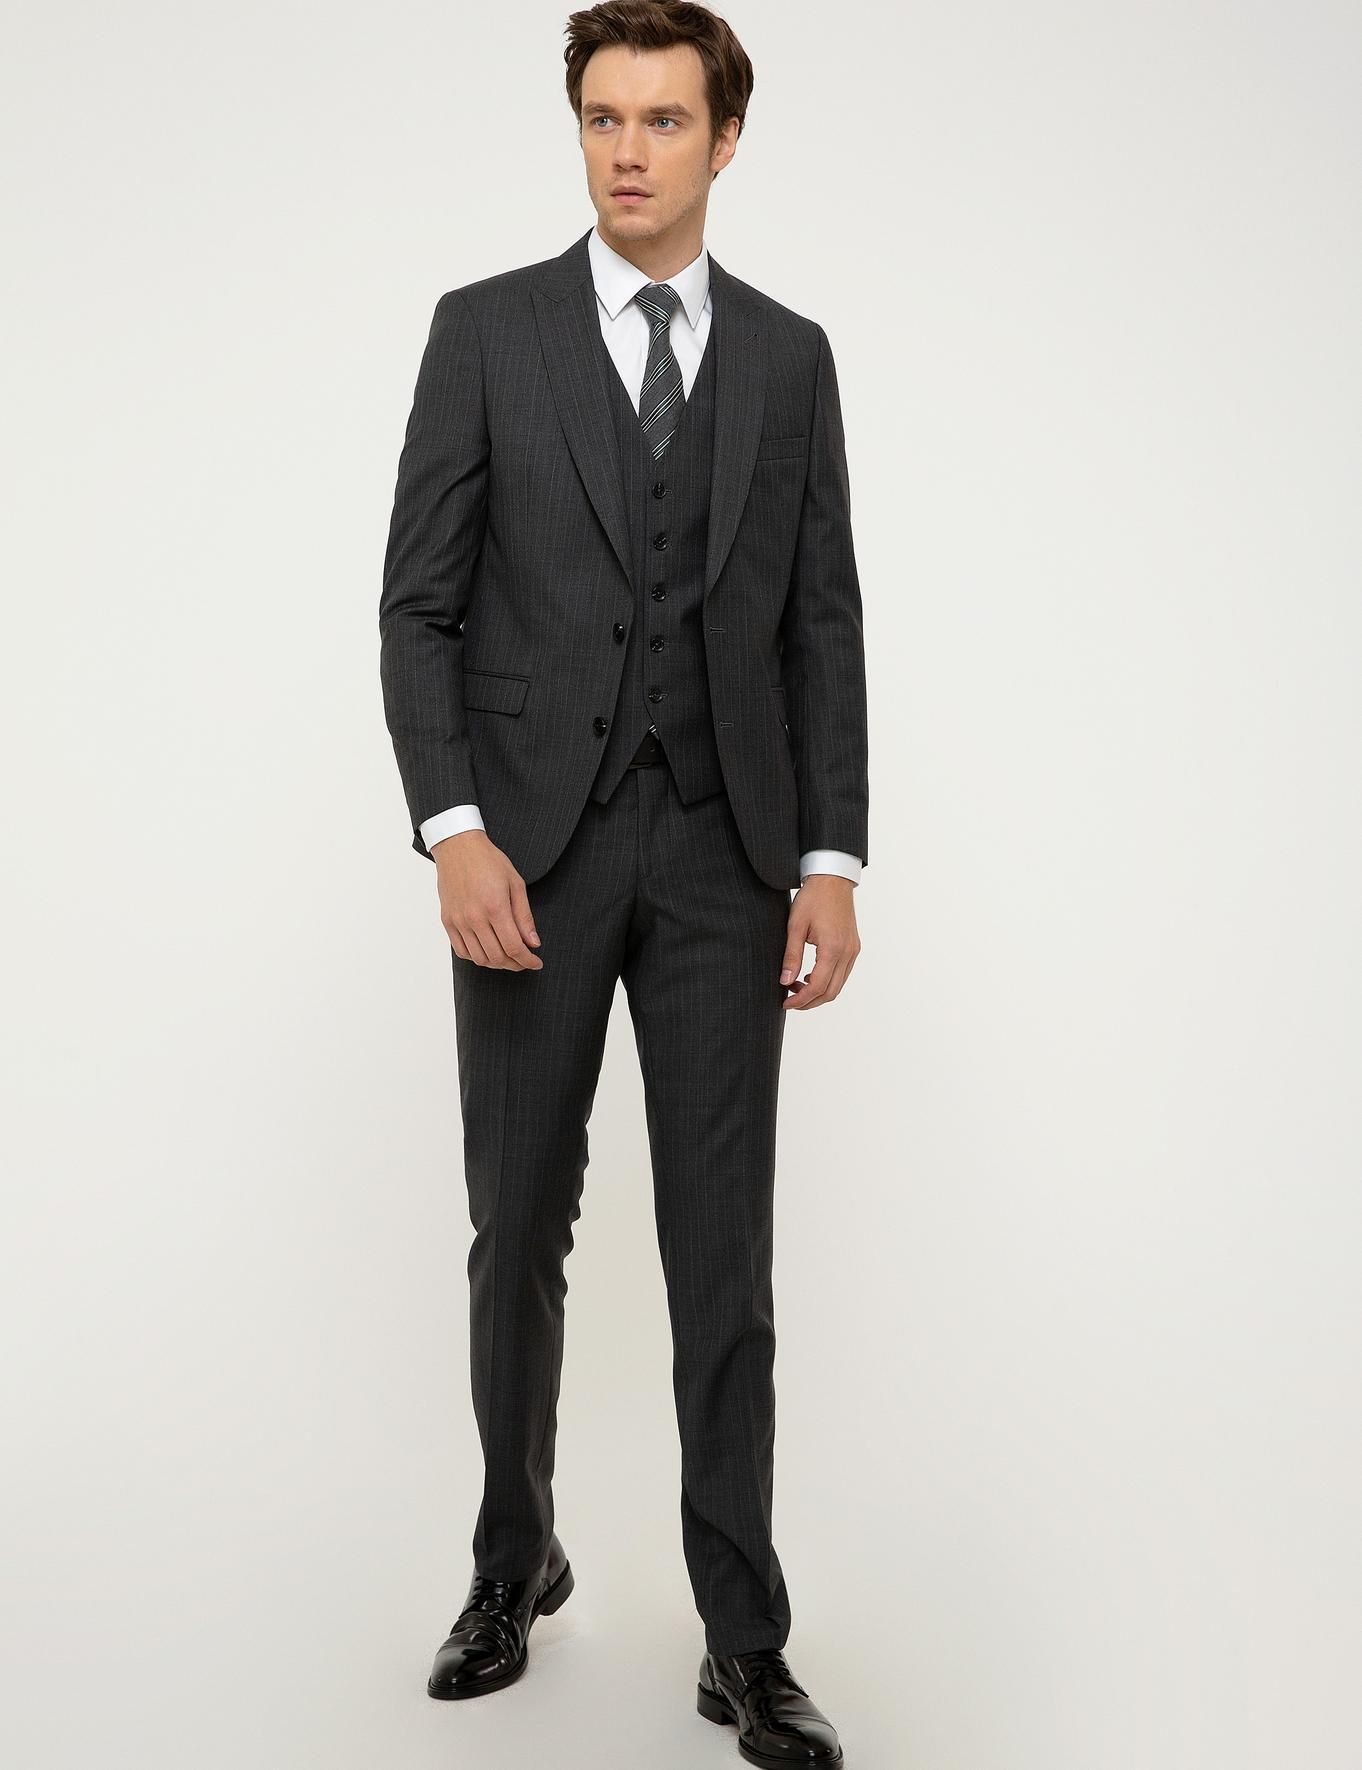 Gri Slim Fit Takım Elbise - 50208891086